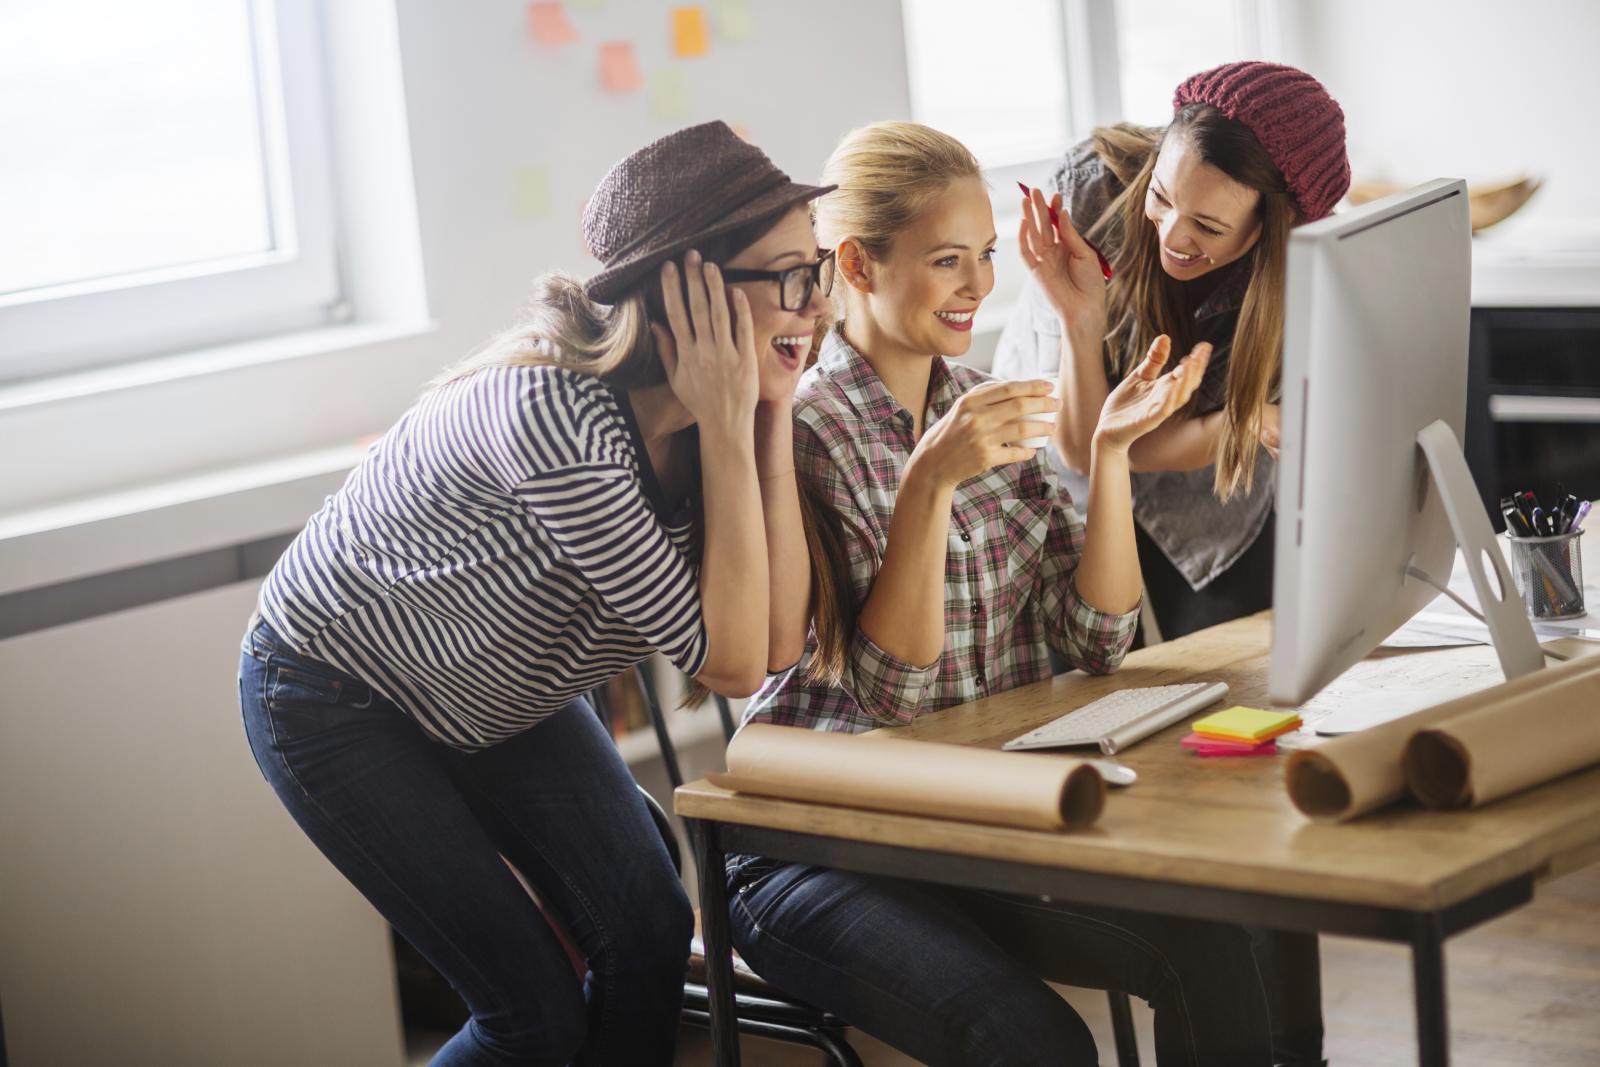 Ako ste kreativni, pronicljivi i poduzetni, ništa vas ne može spriječiti u uspjehu. A vjerujemo da ćete se i za plaću izboriti.